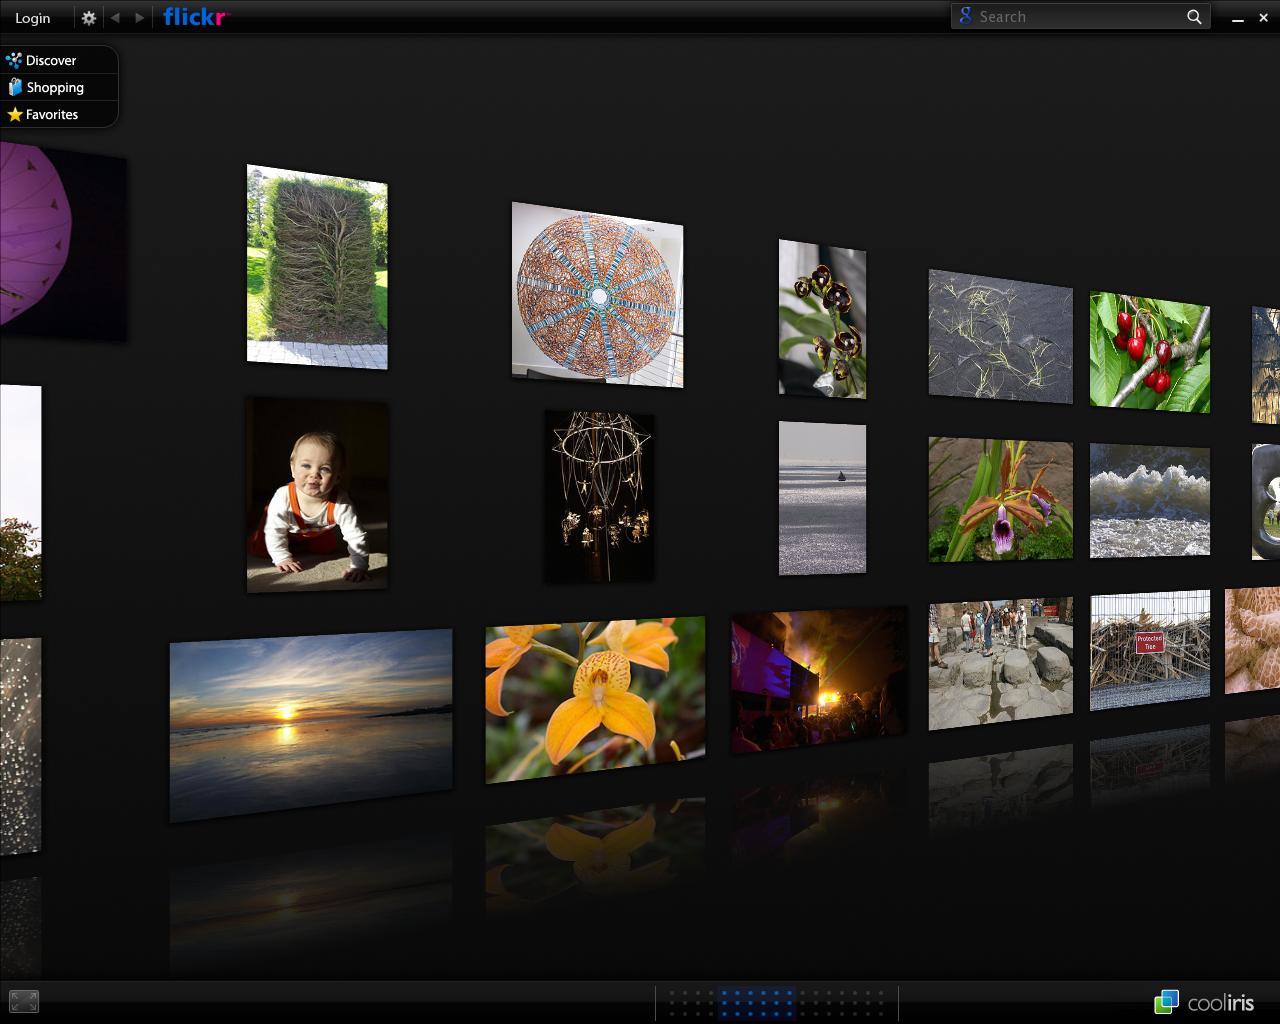 Viewing images using Cooliris